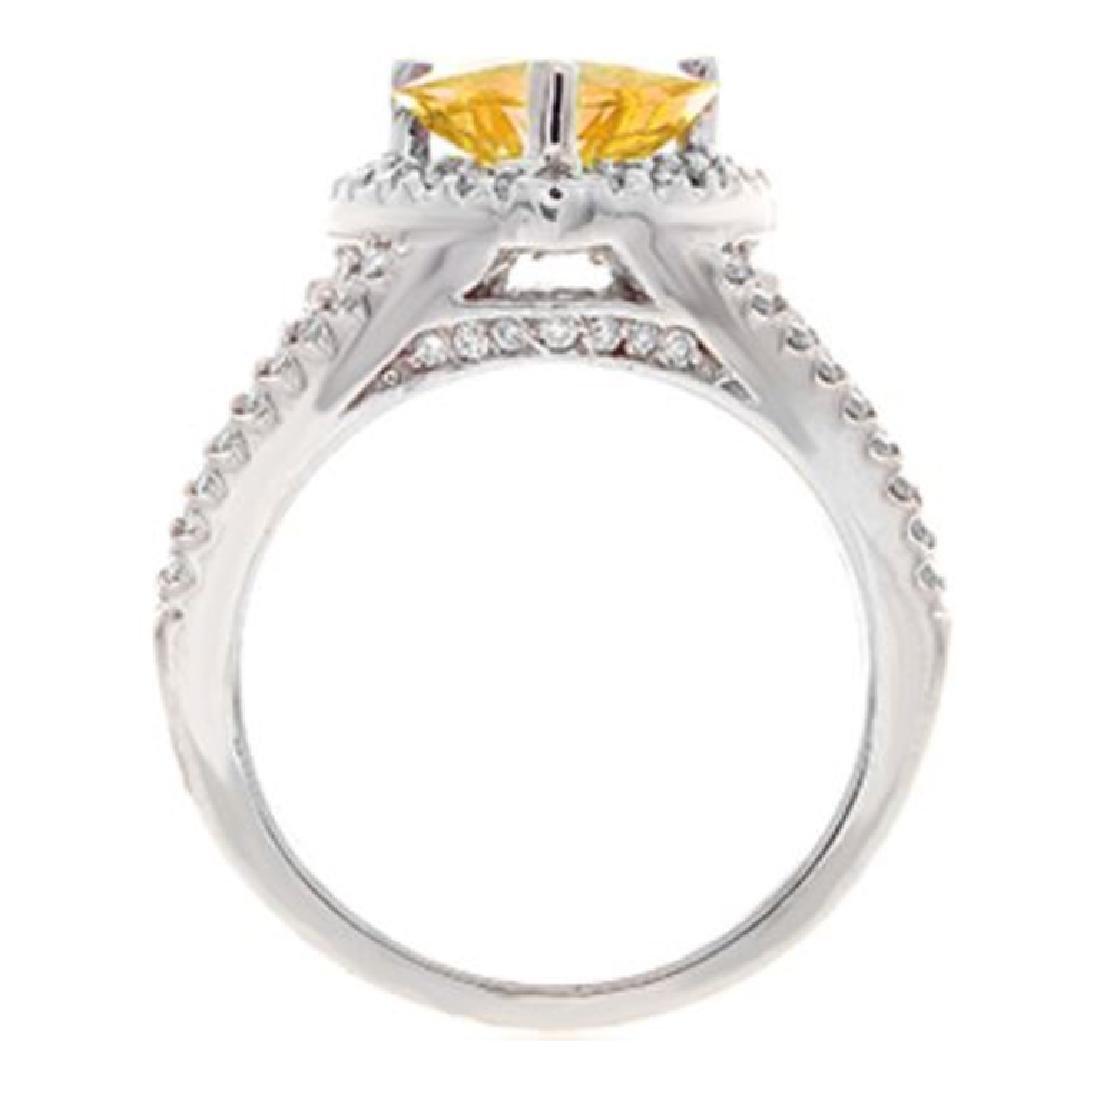 3.23 ct. Yellow Sapphire and Diamond Ring - 2